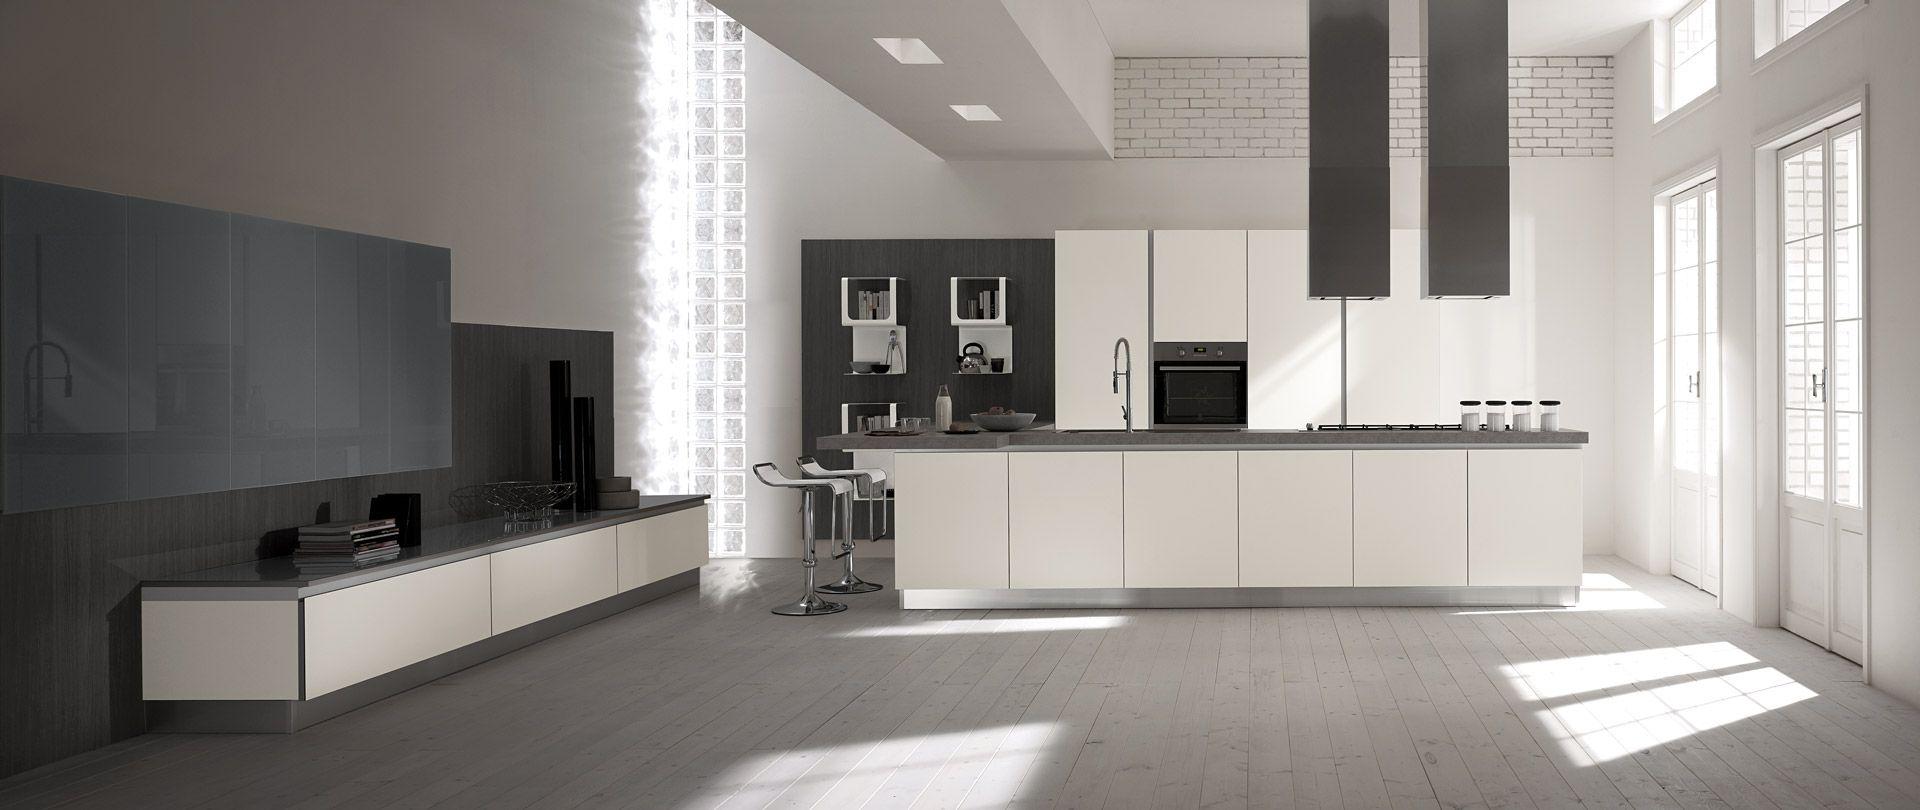 Cucine Mobilturi Produzione Cucine Funzionali Con Materiali Di